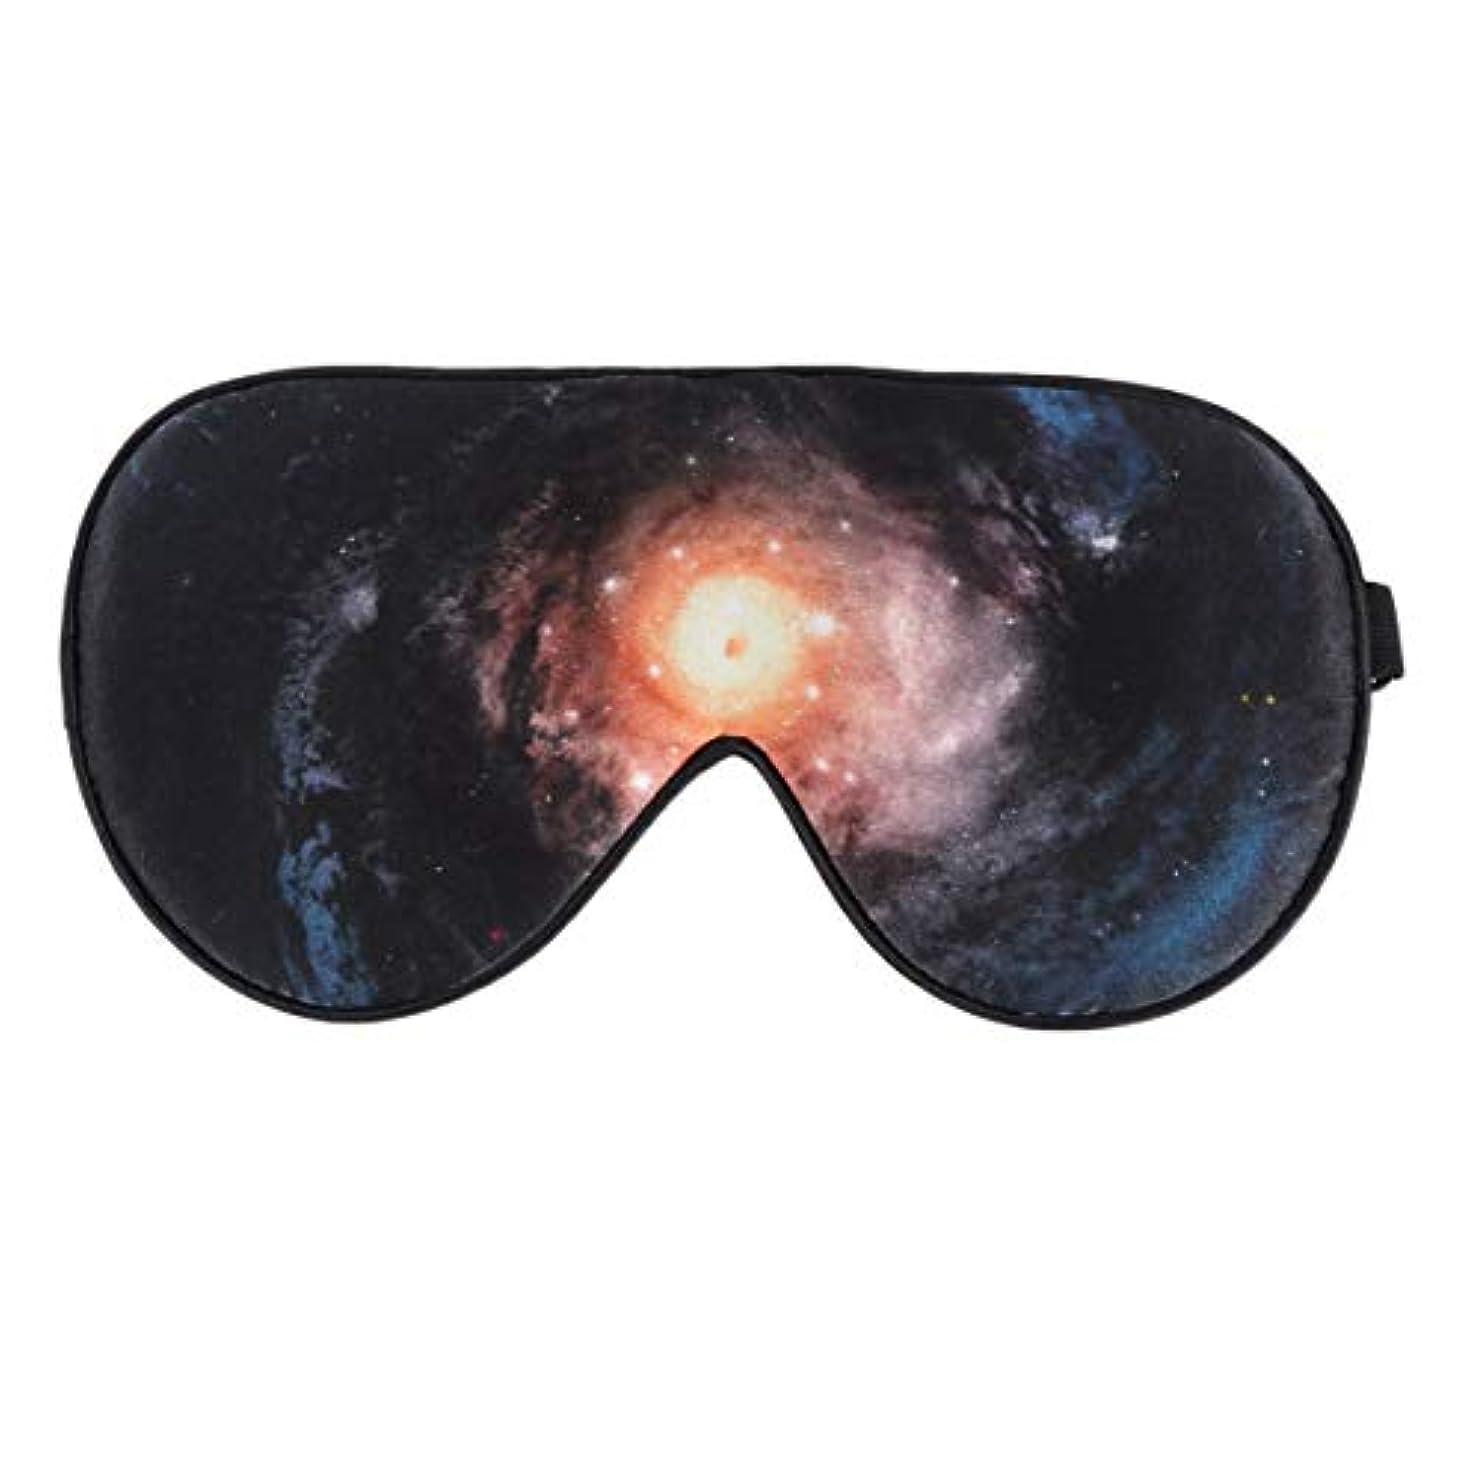 アンプ指ラブHealifty 睡眠アイマスクソフト目隠しシェーディングアイパッチ星空アイマスク仮眠睡眠旅行